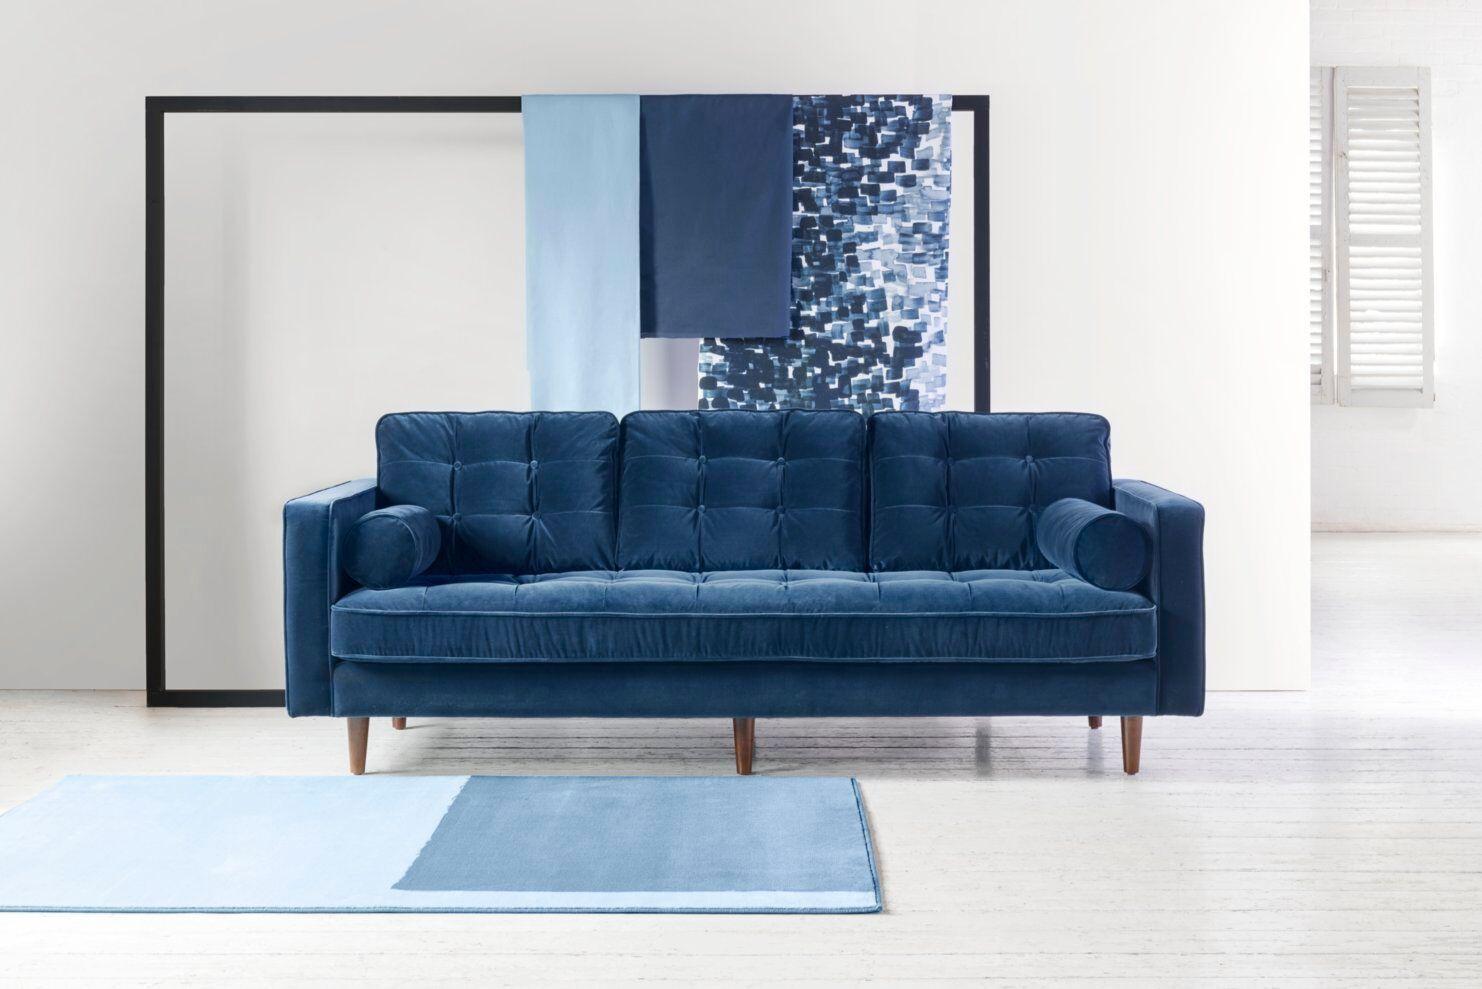 Haggerston Sofa Design Modern Sofa Designs Retro Sofa